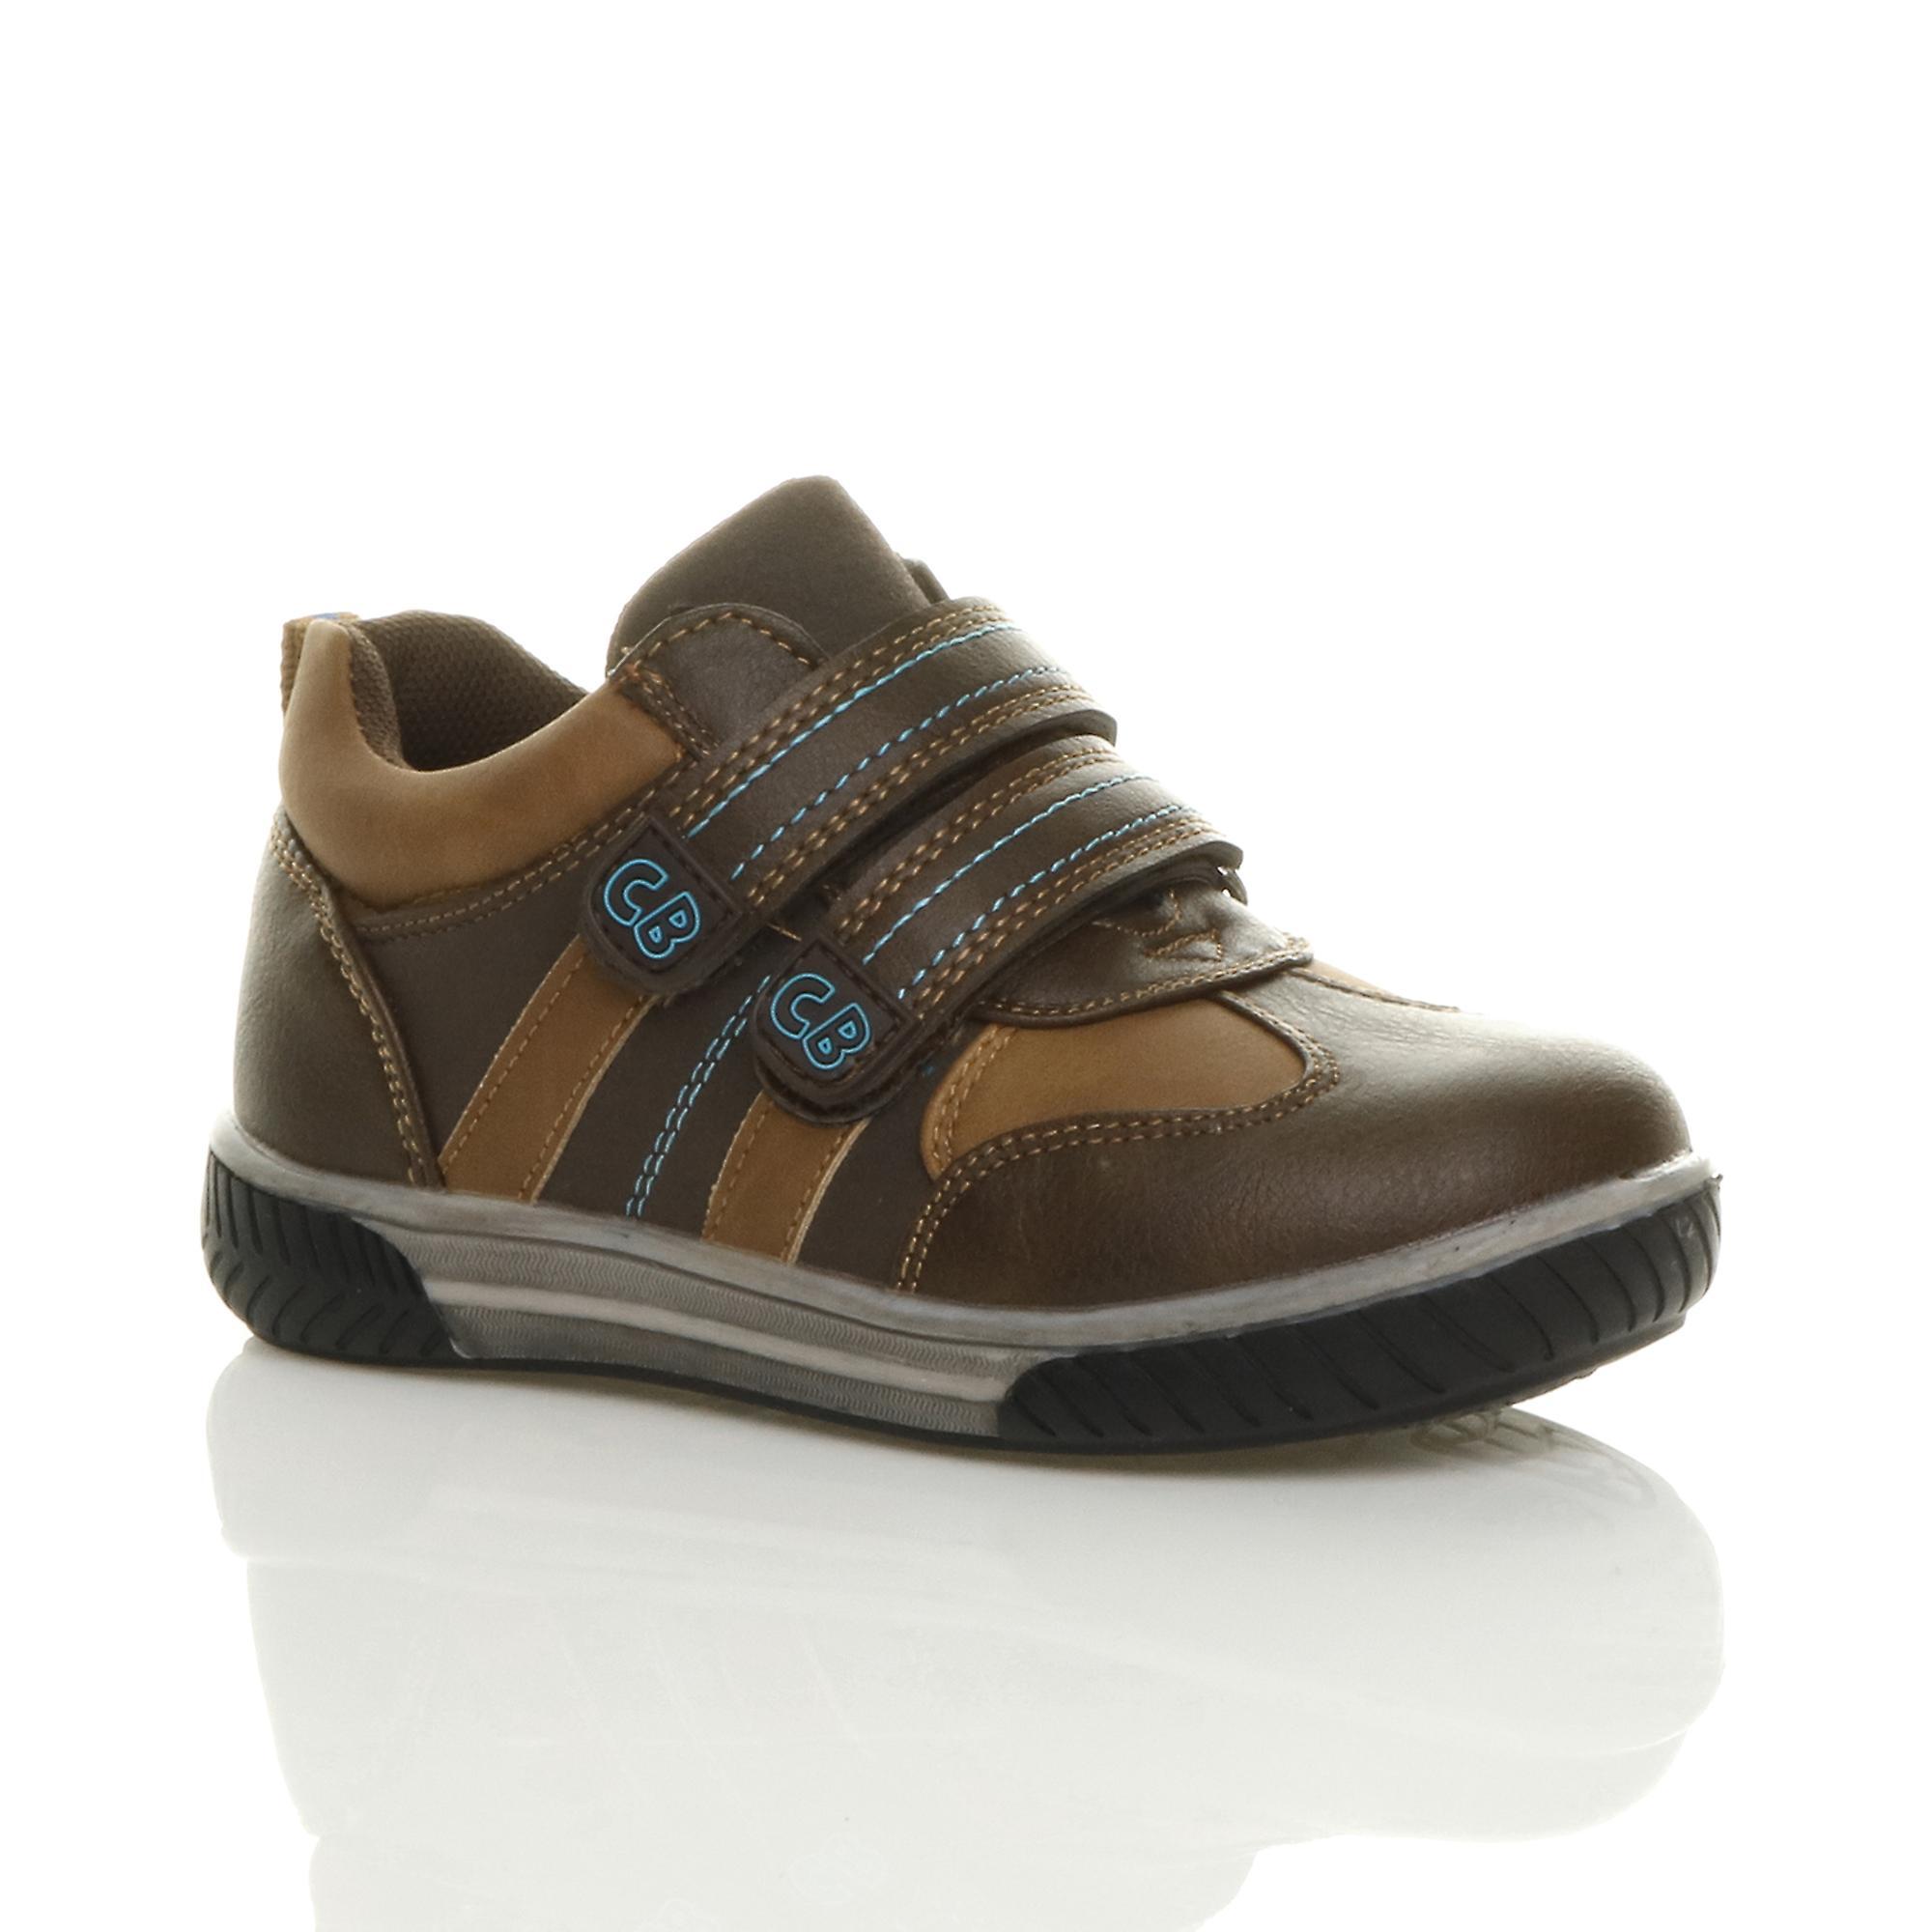 hot sale online b46eb f734f Ajvani boys adjustable strap contrast smart casual trainer shoes - c16e34 -  schlemme-zahntechnik.de